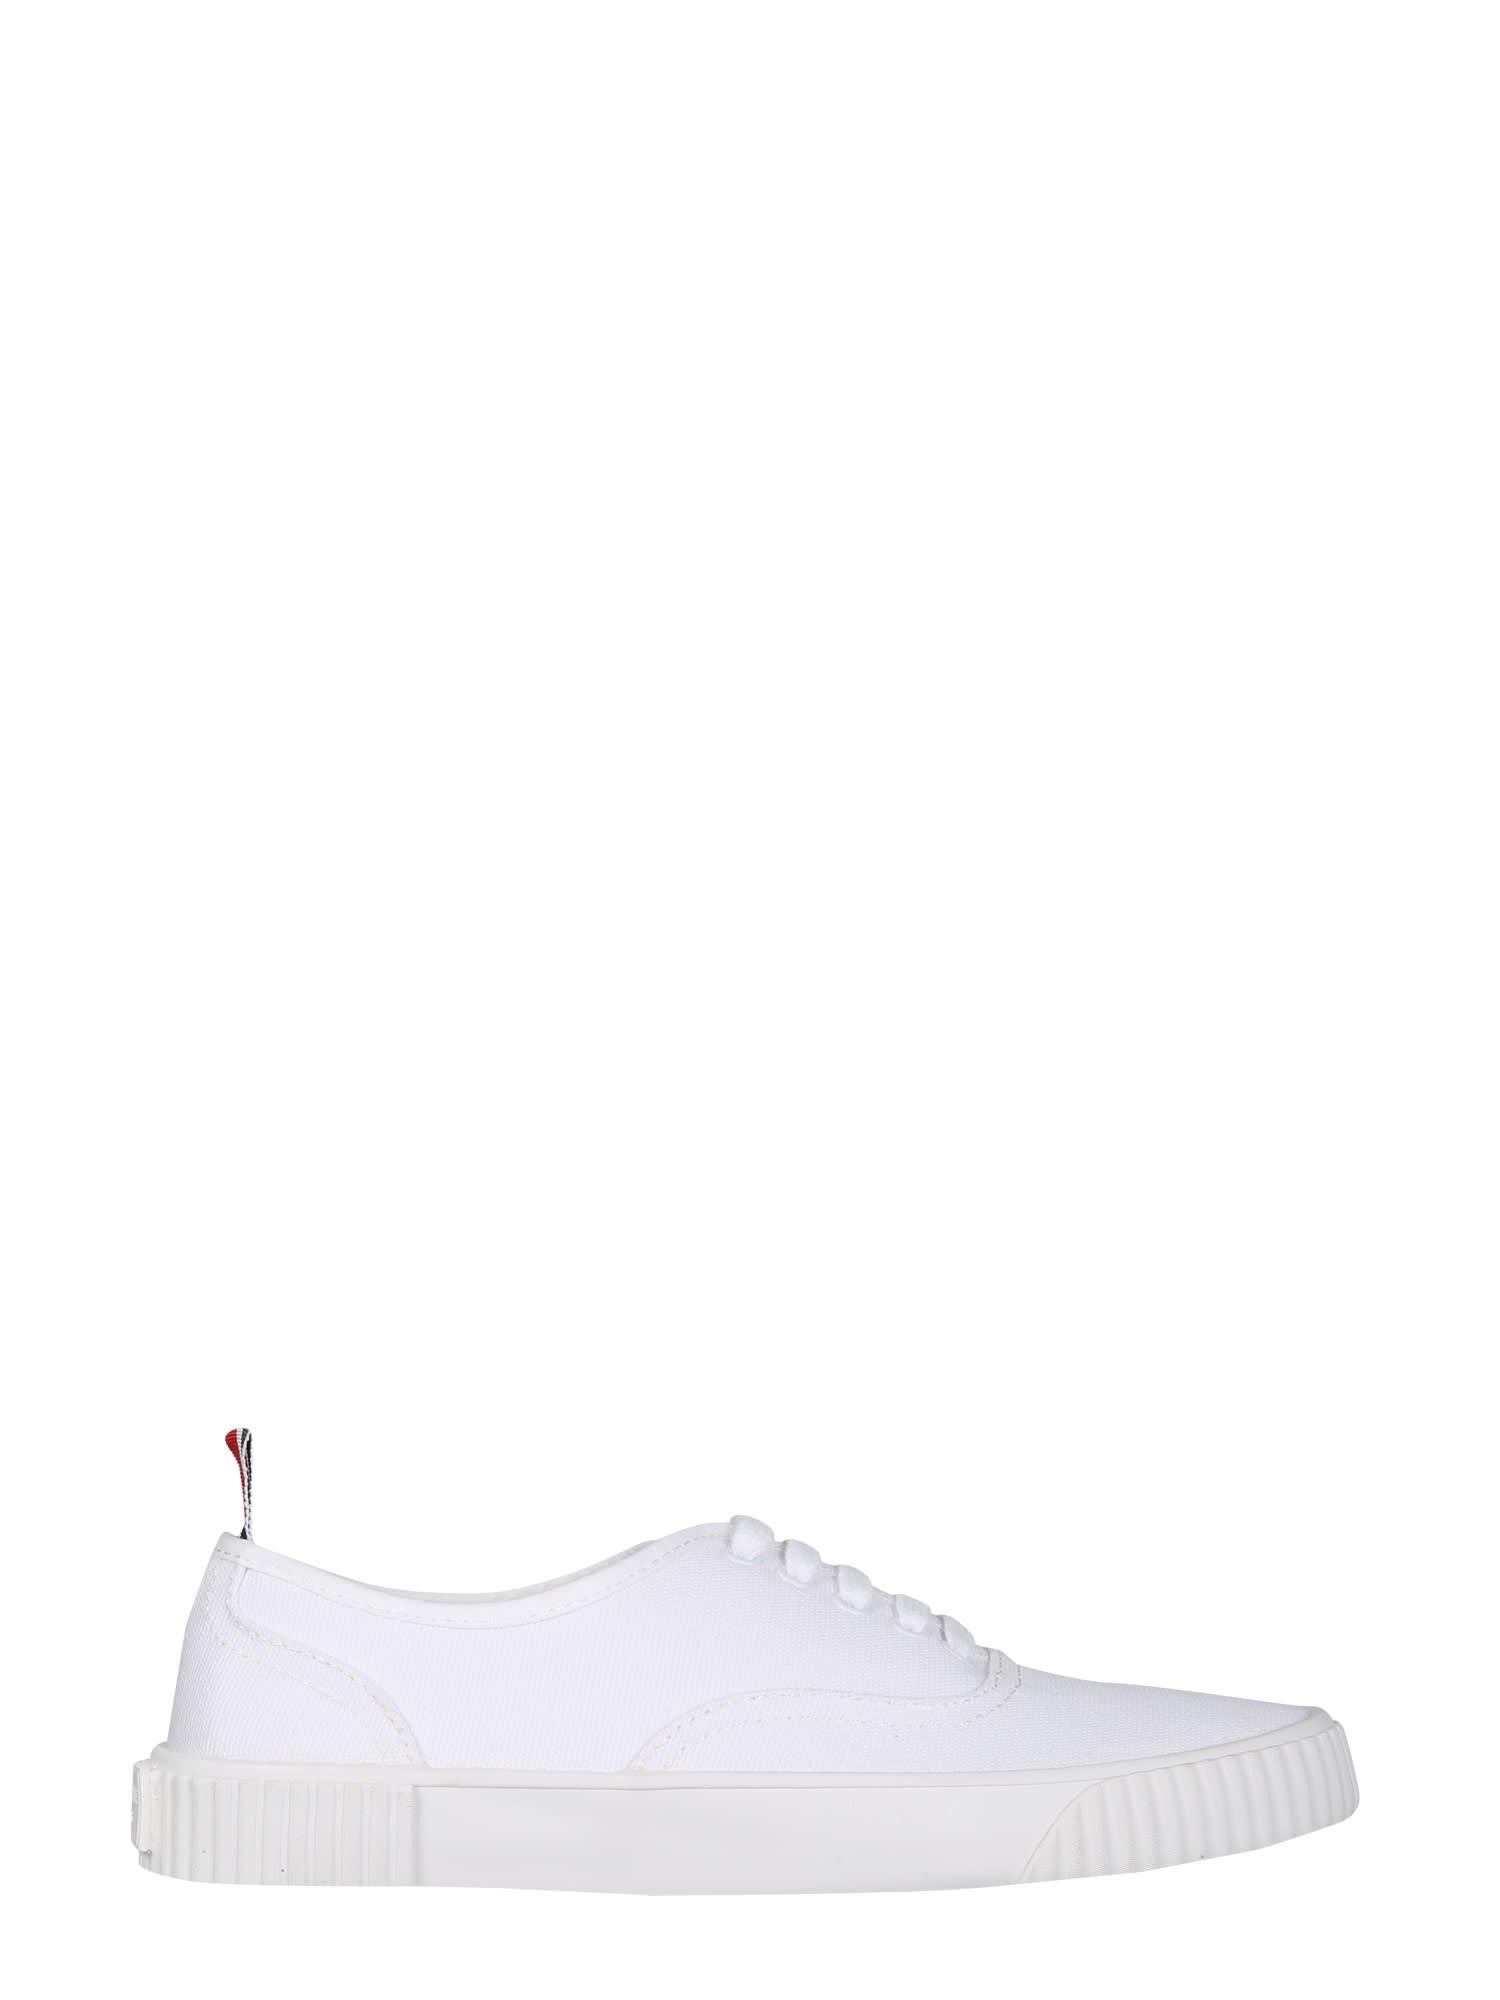 Thom Browne Heritage Sneakers